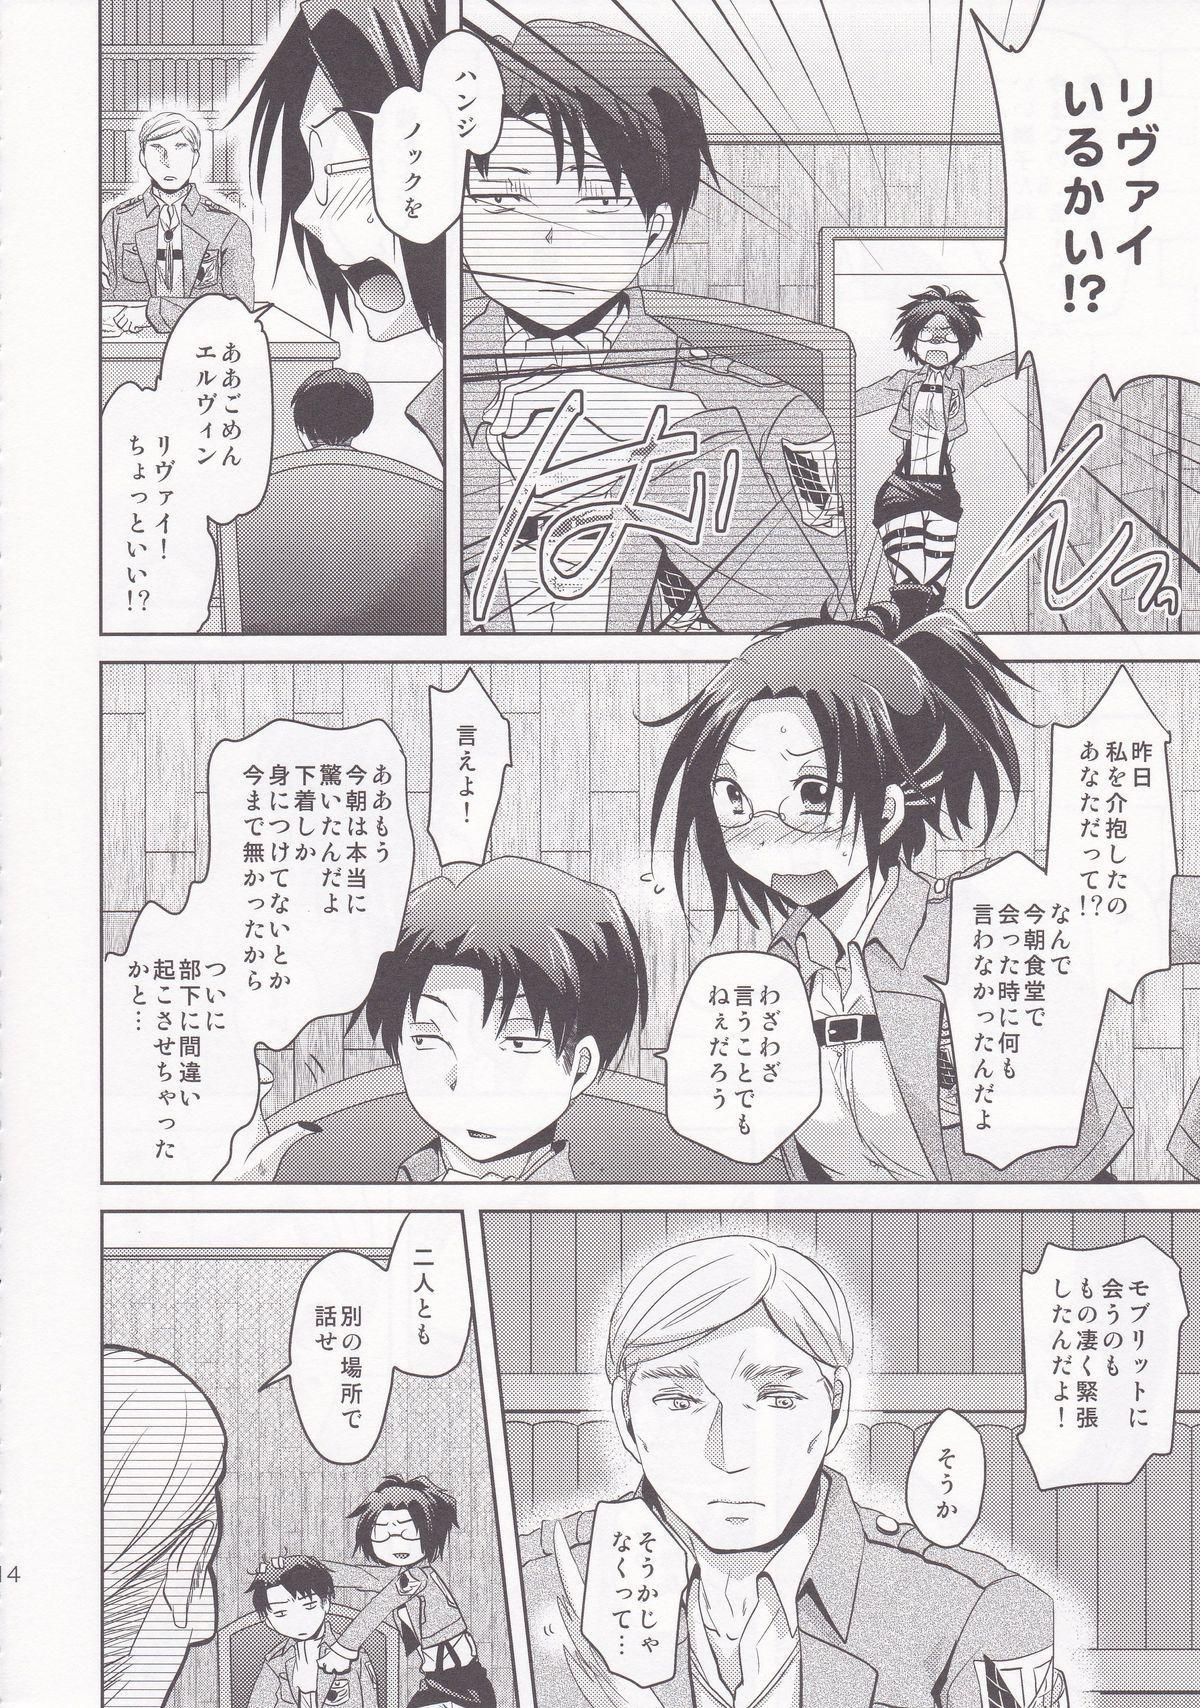 Shikkari shite kudasai Buntaichou. 13